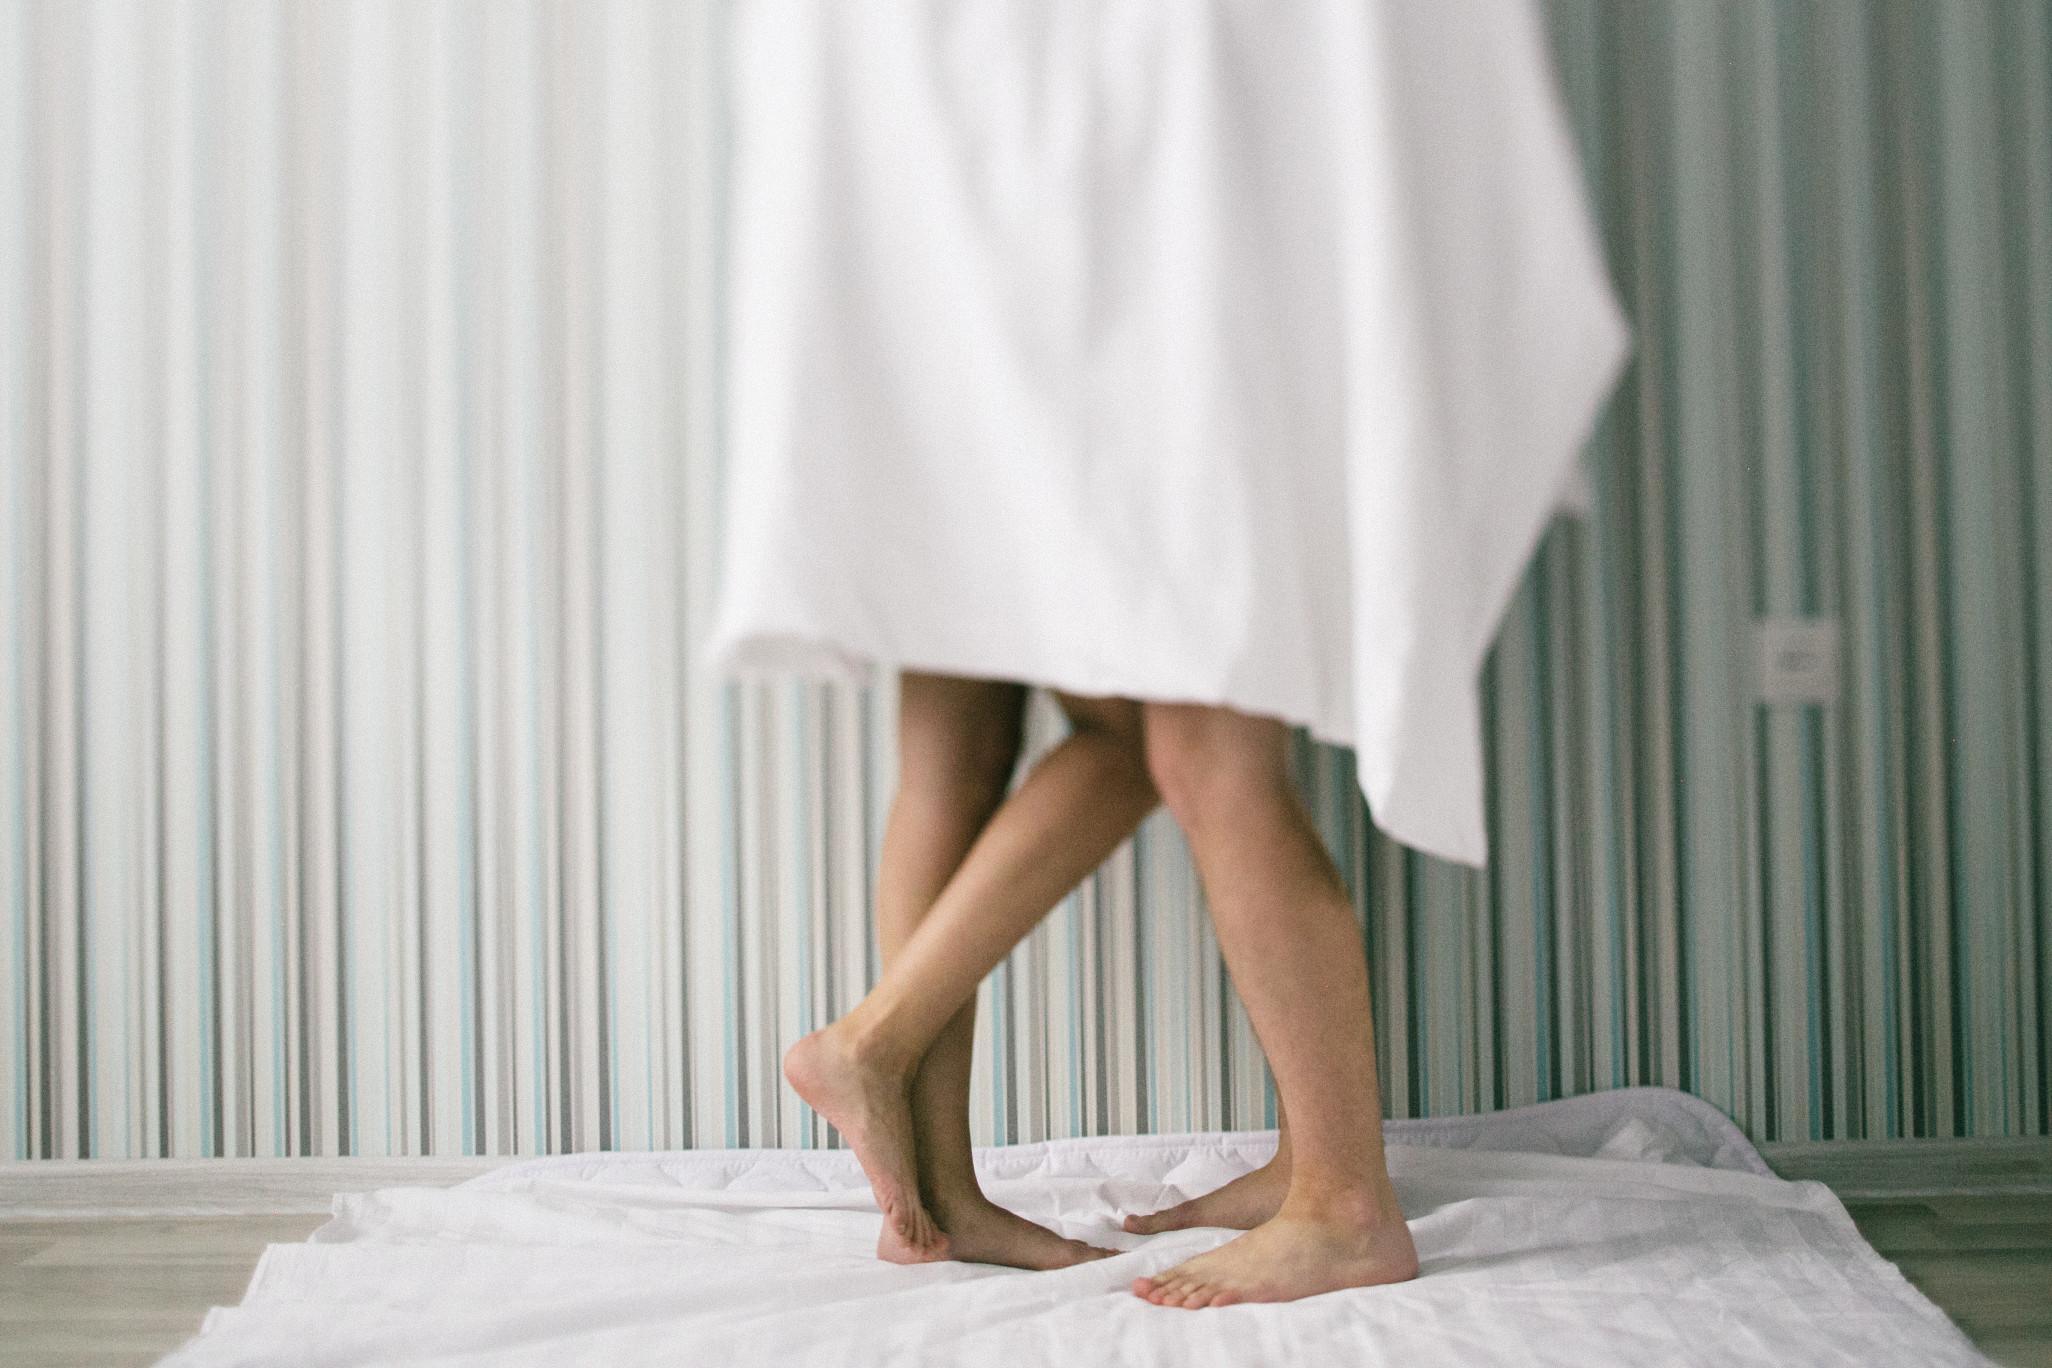 Ist Sex mit dem oder der Ex wirklich eine so gute Idee? Foto: batoshka via Twenty20